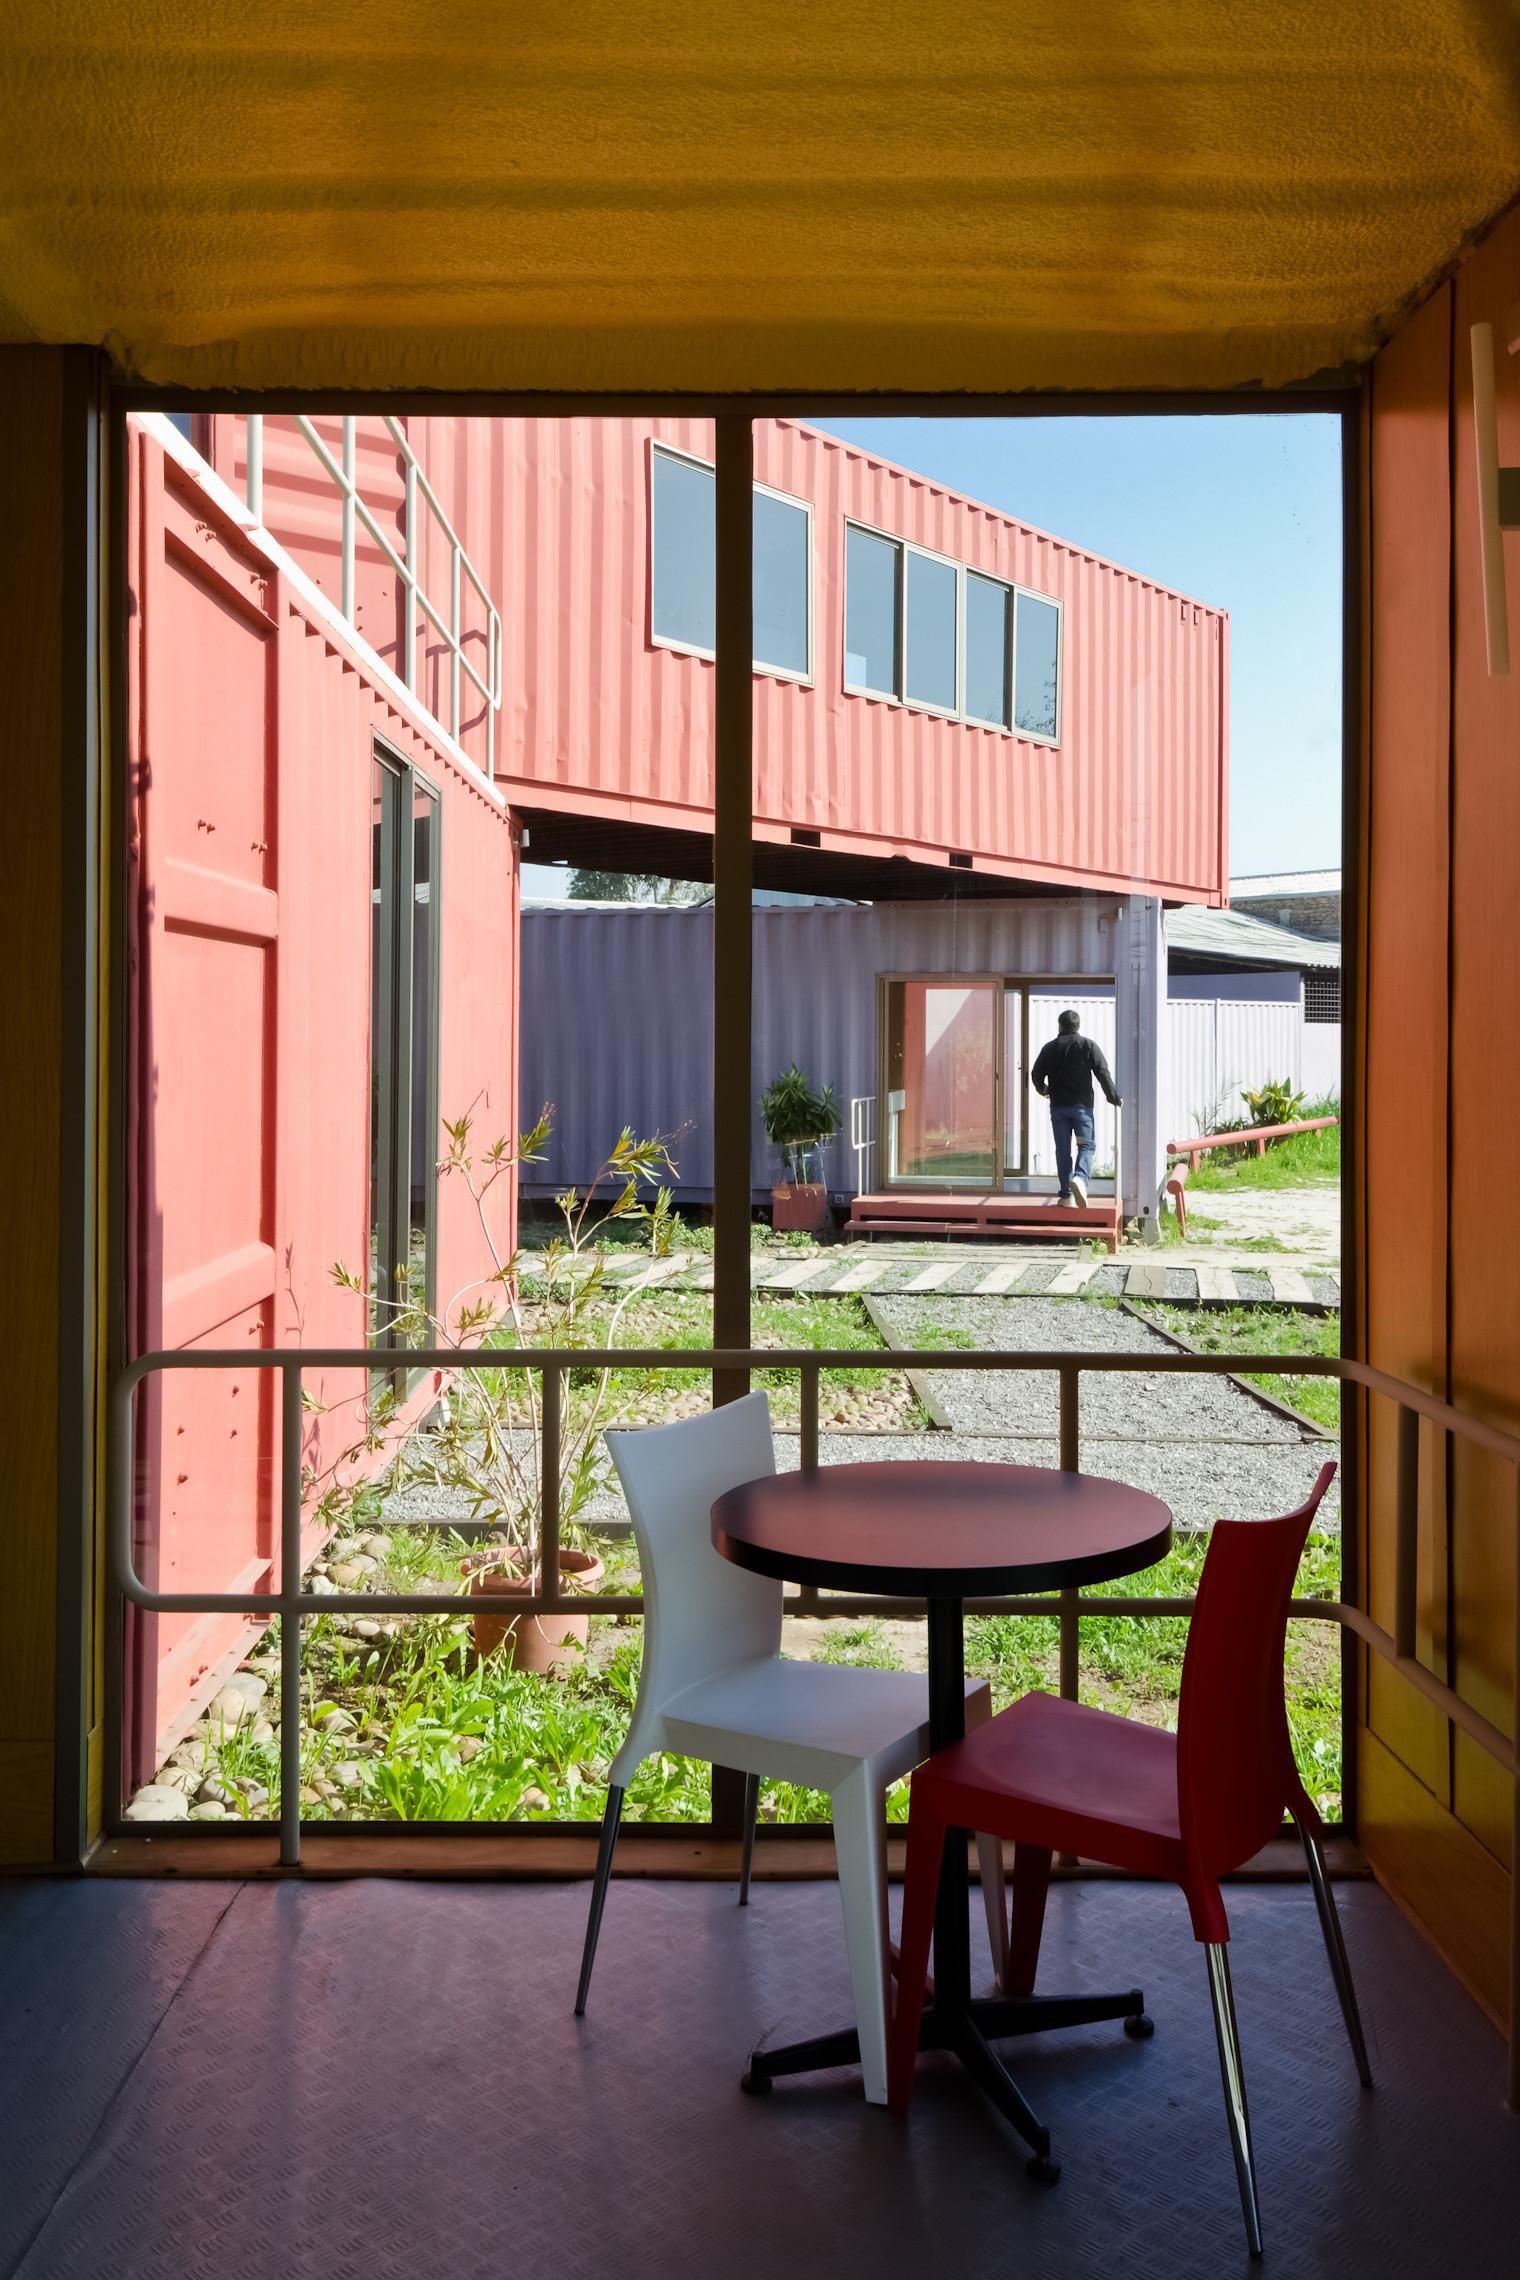 Gallery of muebles gacitua dx arquitectos 4 - Muebles guadix ...